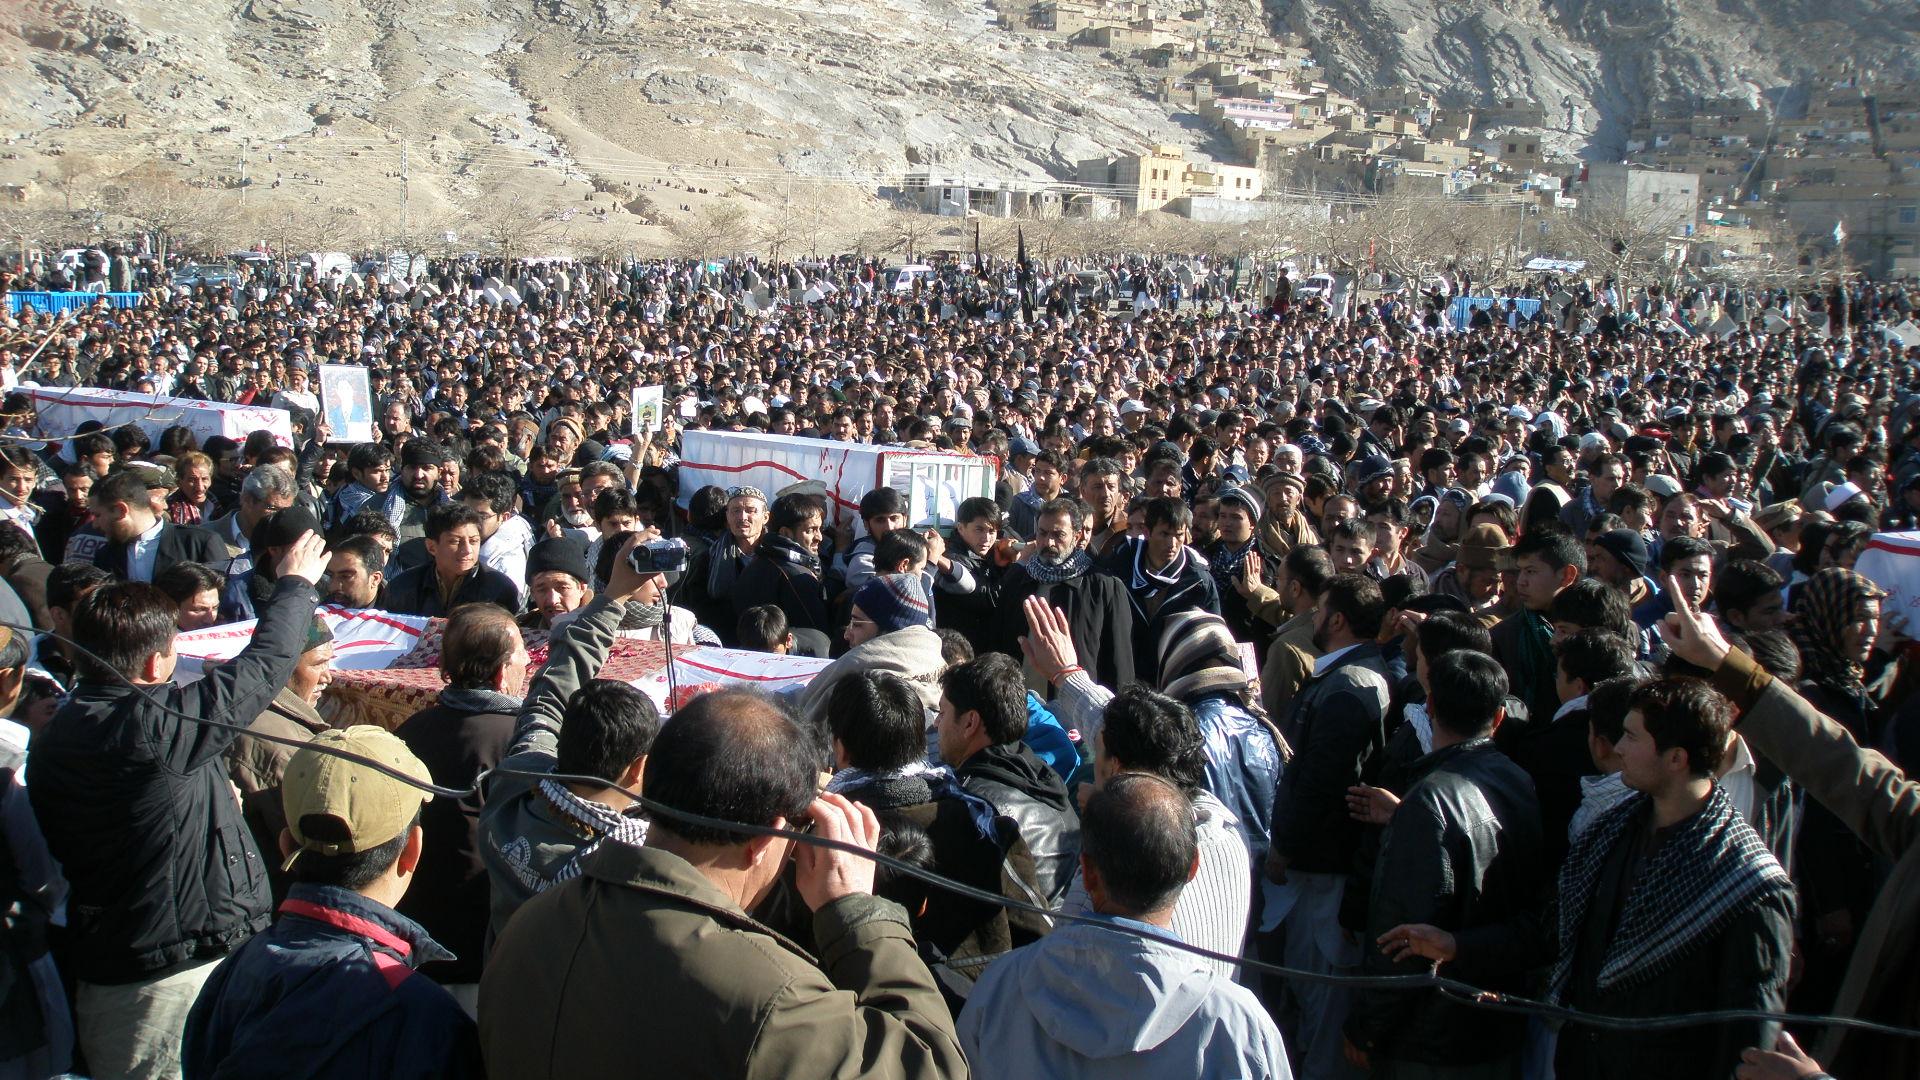 عکس های از نماز جنازه شهدای کربلای کویته